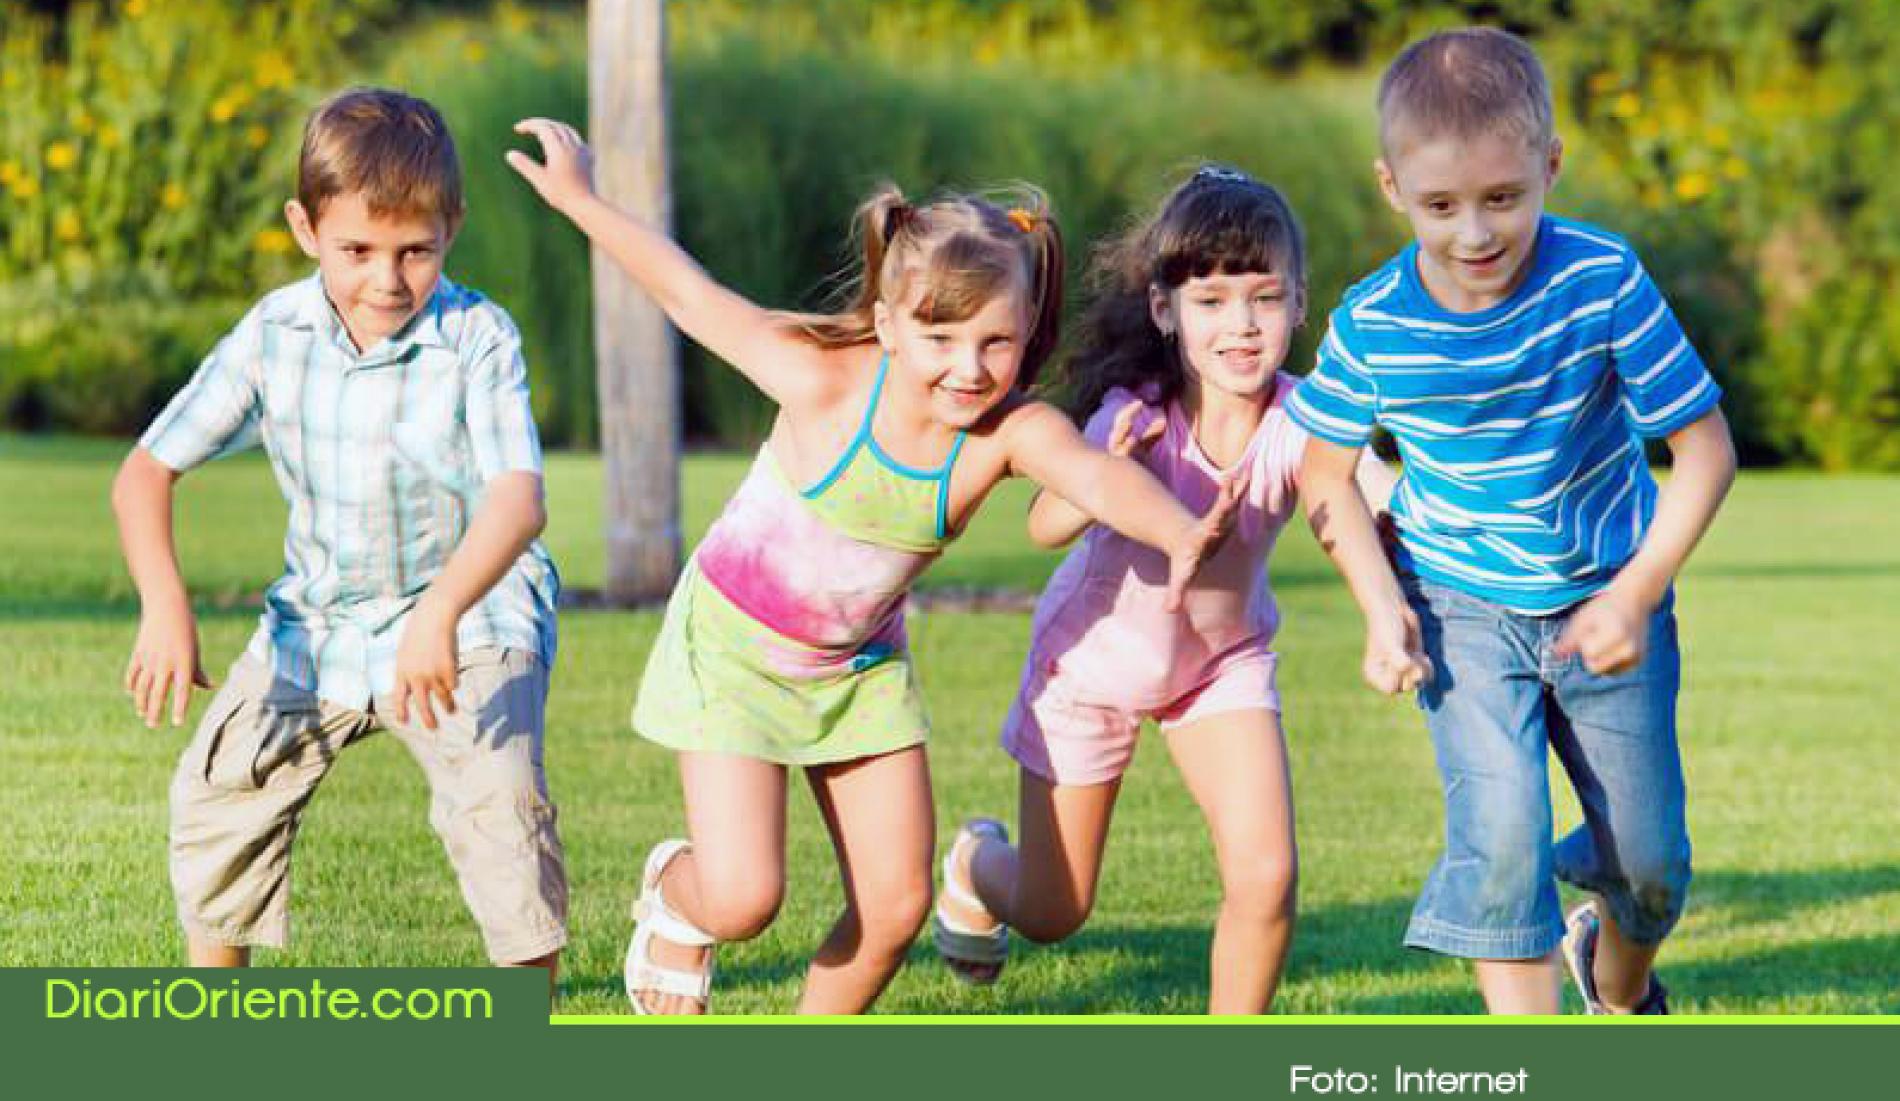 ¿Niños hiperactivos o simplemente niños?